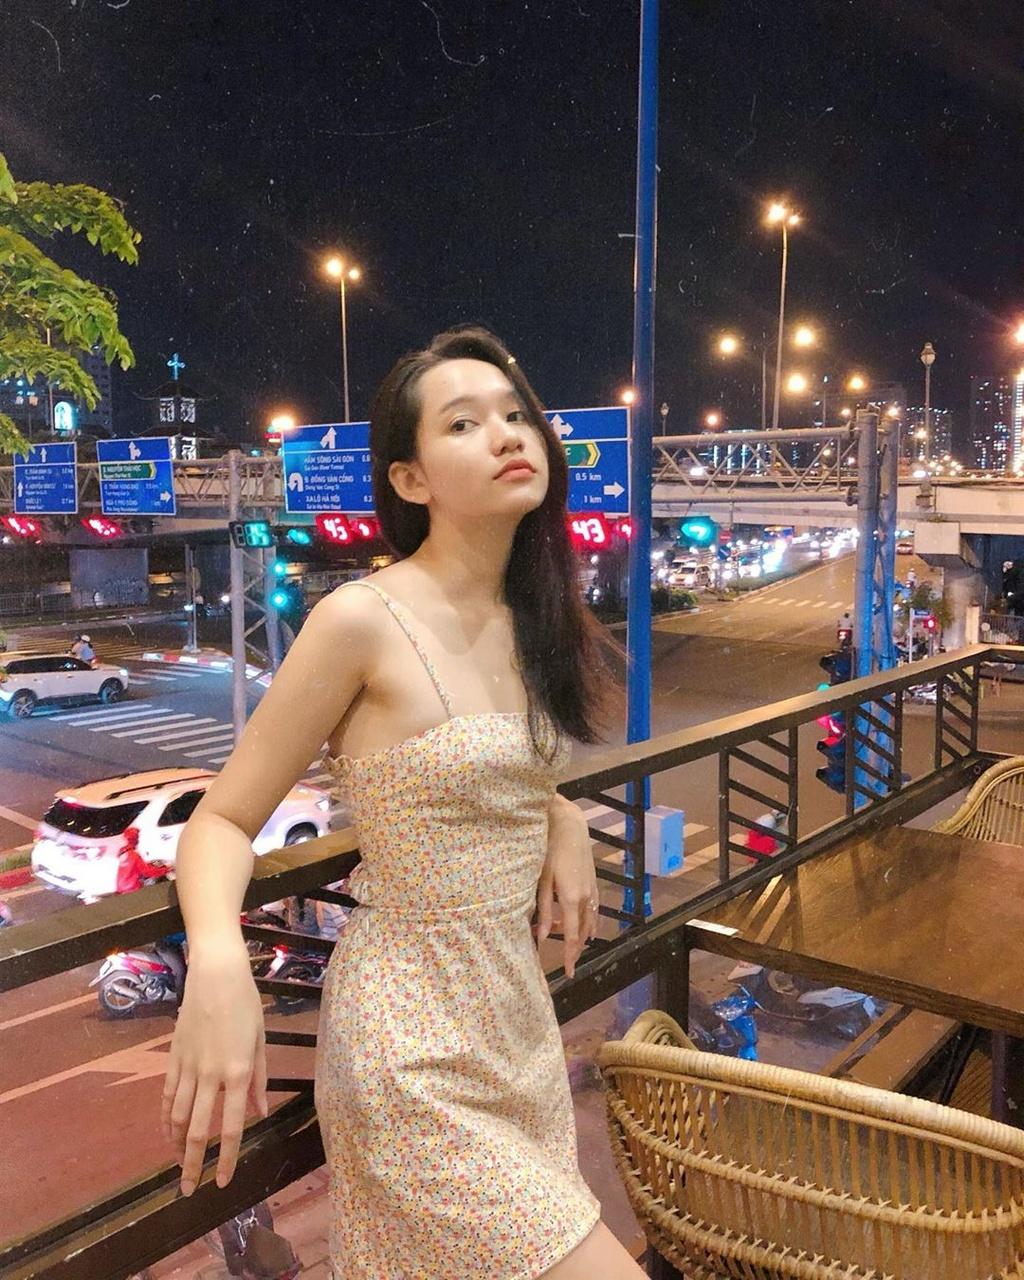 Ha Lan 'Mat biec' chuong style nang tho, Hong thich kieu truong thanh hinh anh 6 67799837_356779205267257_4892916914423160340_n.jpg